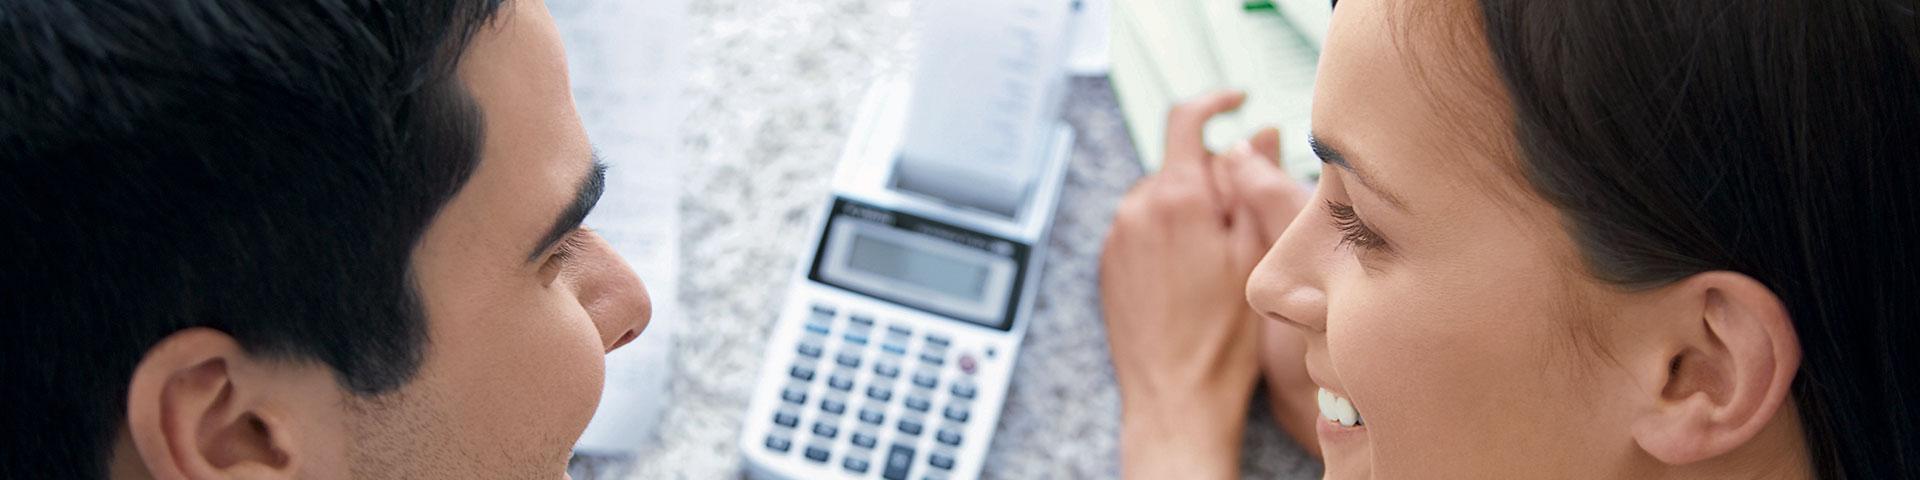 Preise und Konditionen: Paar rechnet mit Hilfe des Preis- und Konditionsverzeichnis der BBBank ihre Vorteile aus.